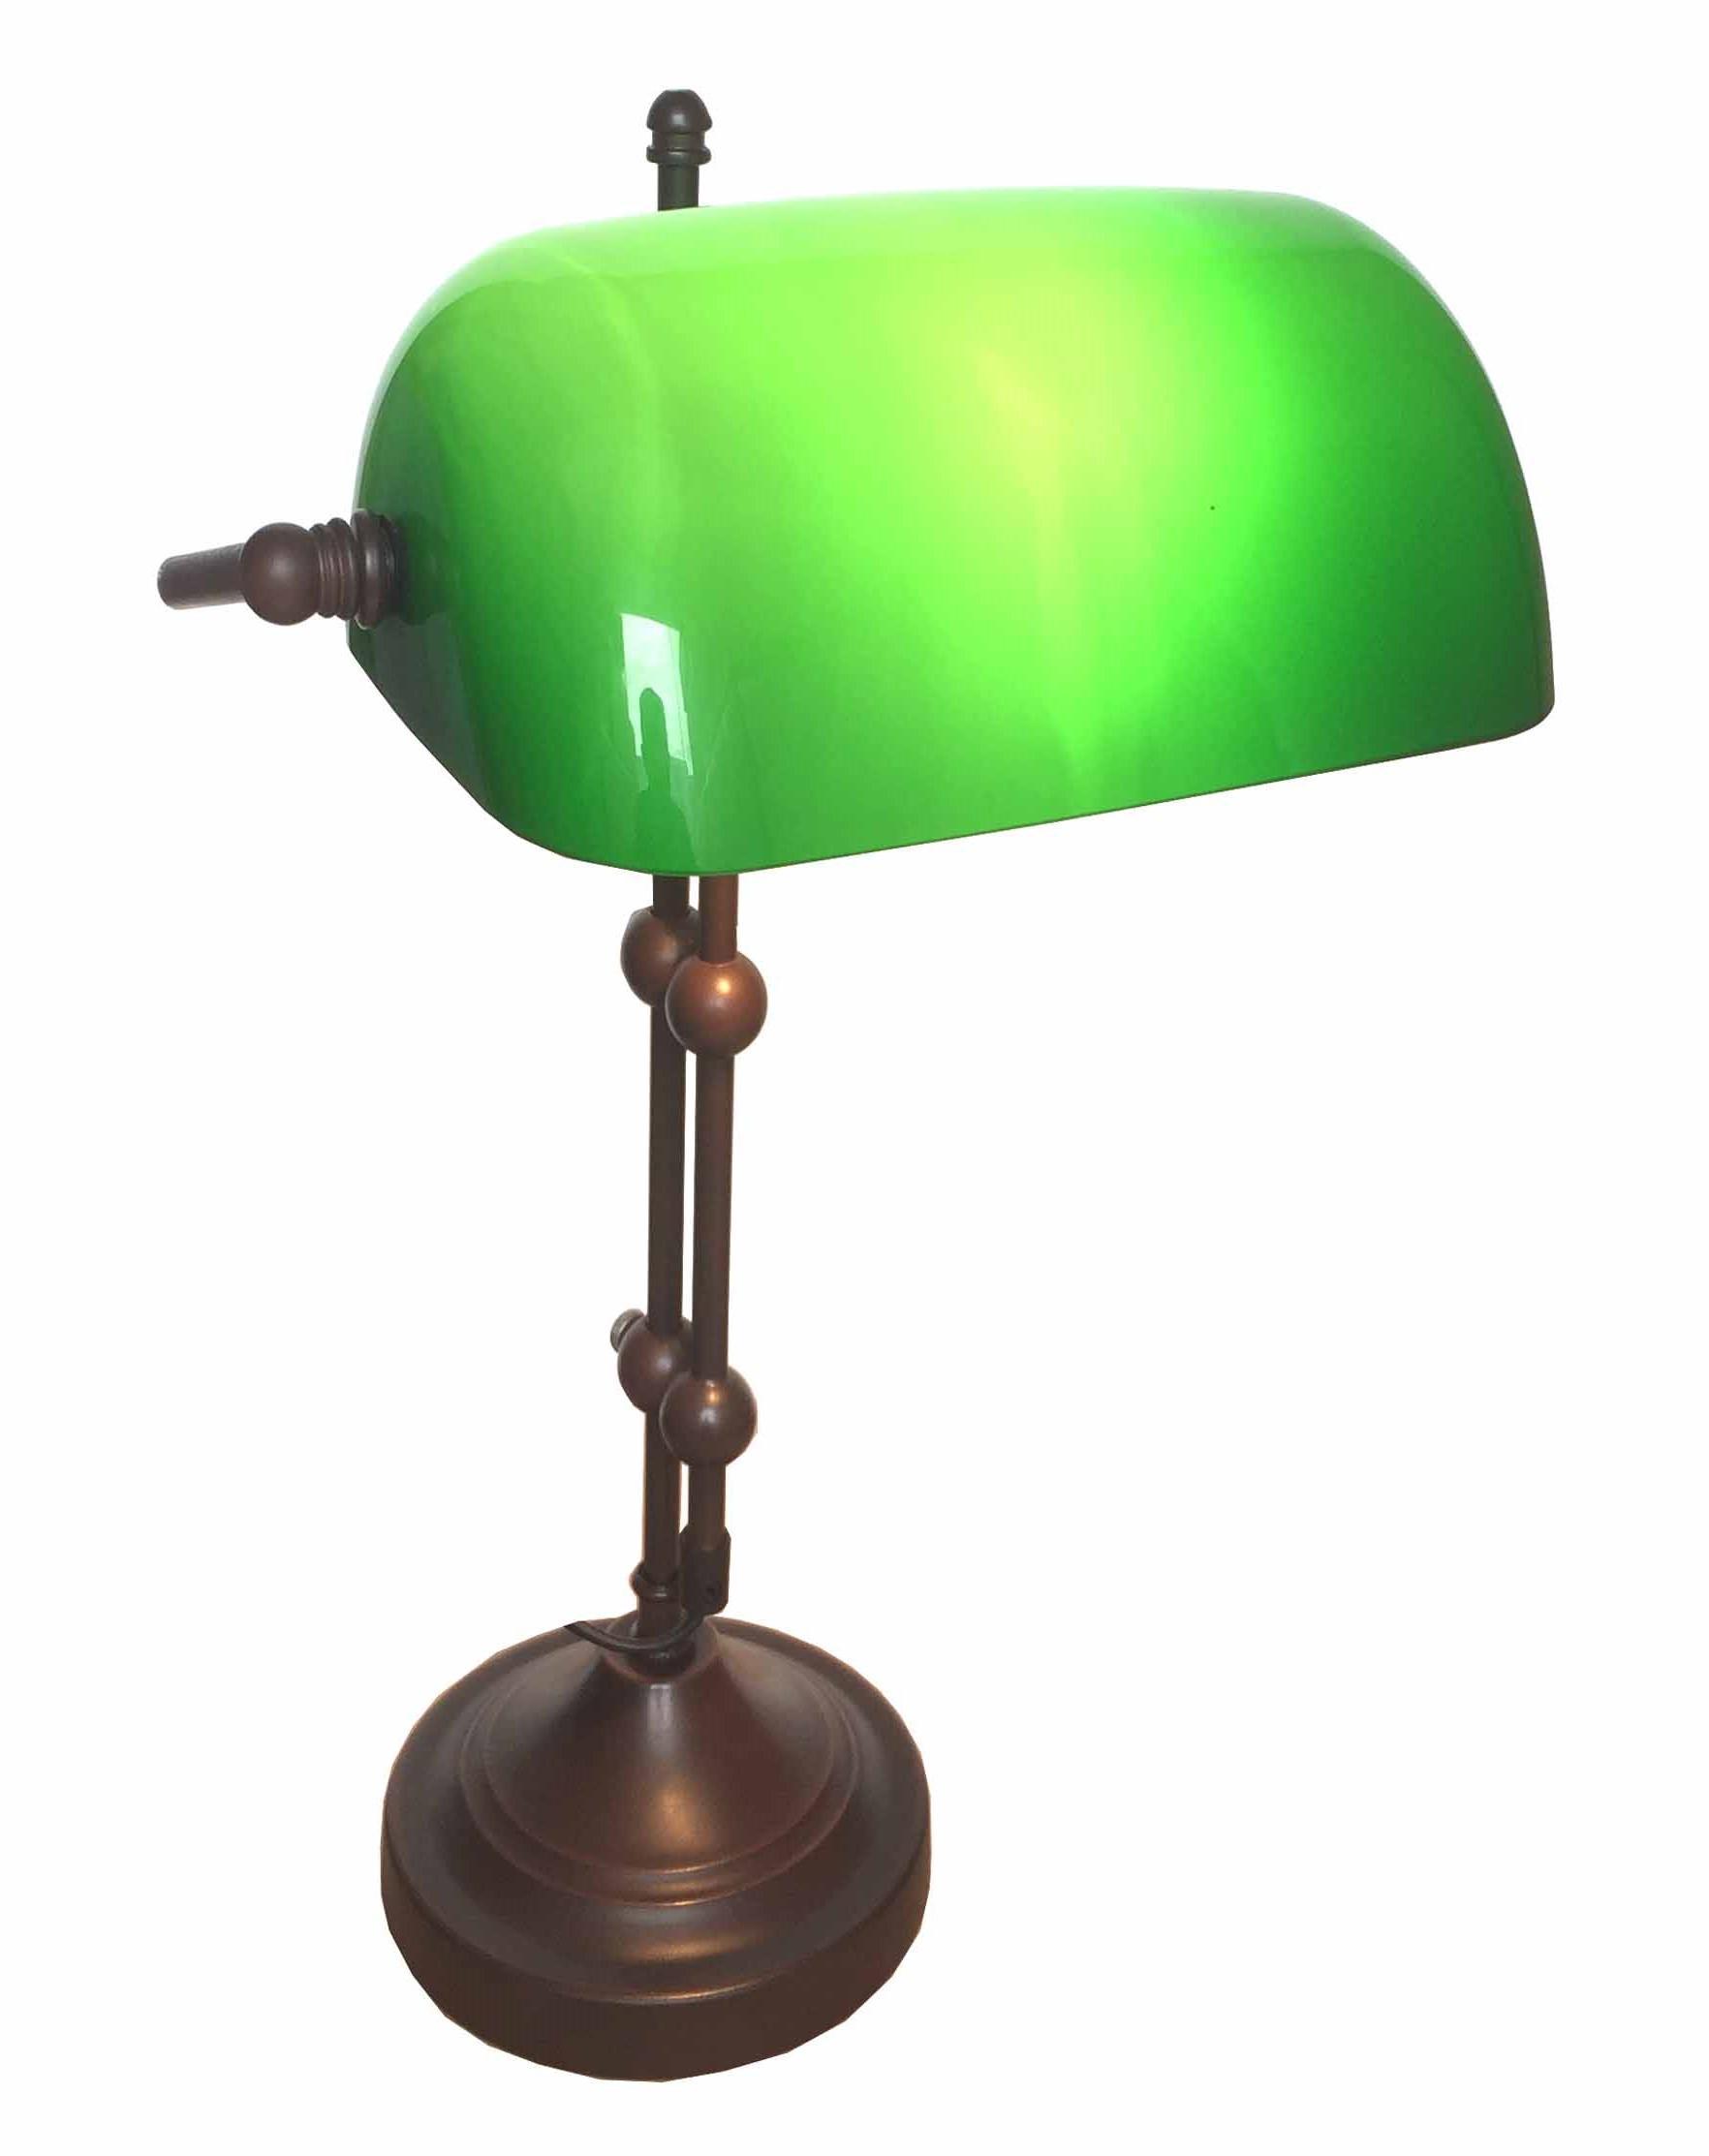 Bankerlampe Grün Antik